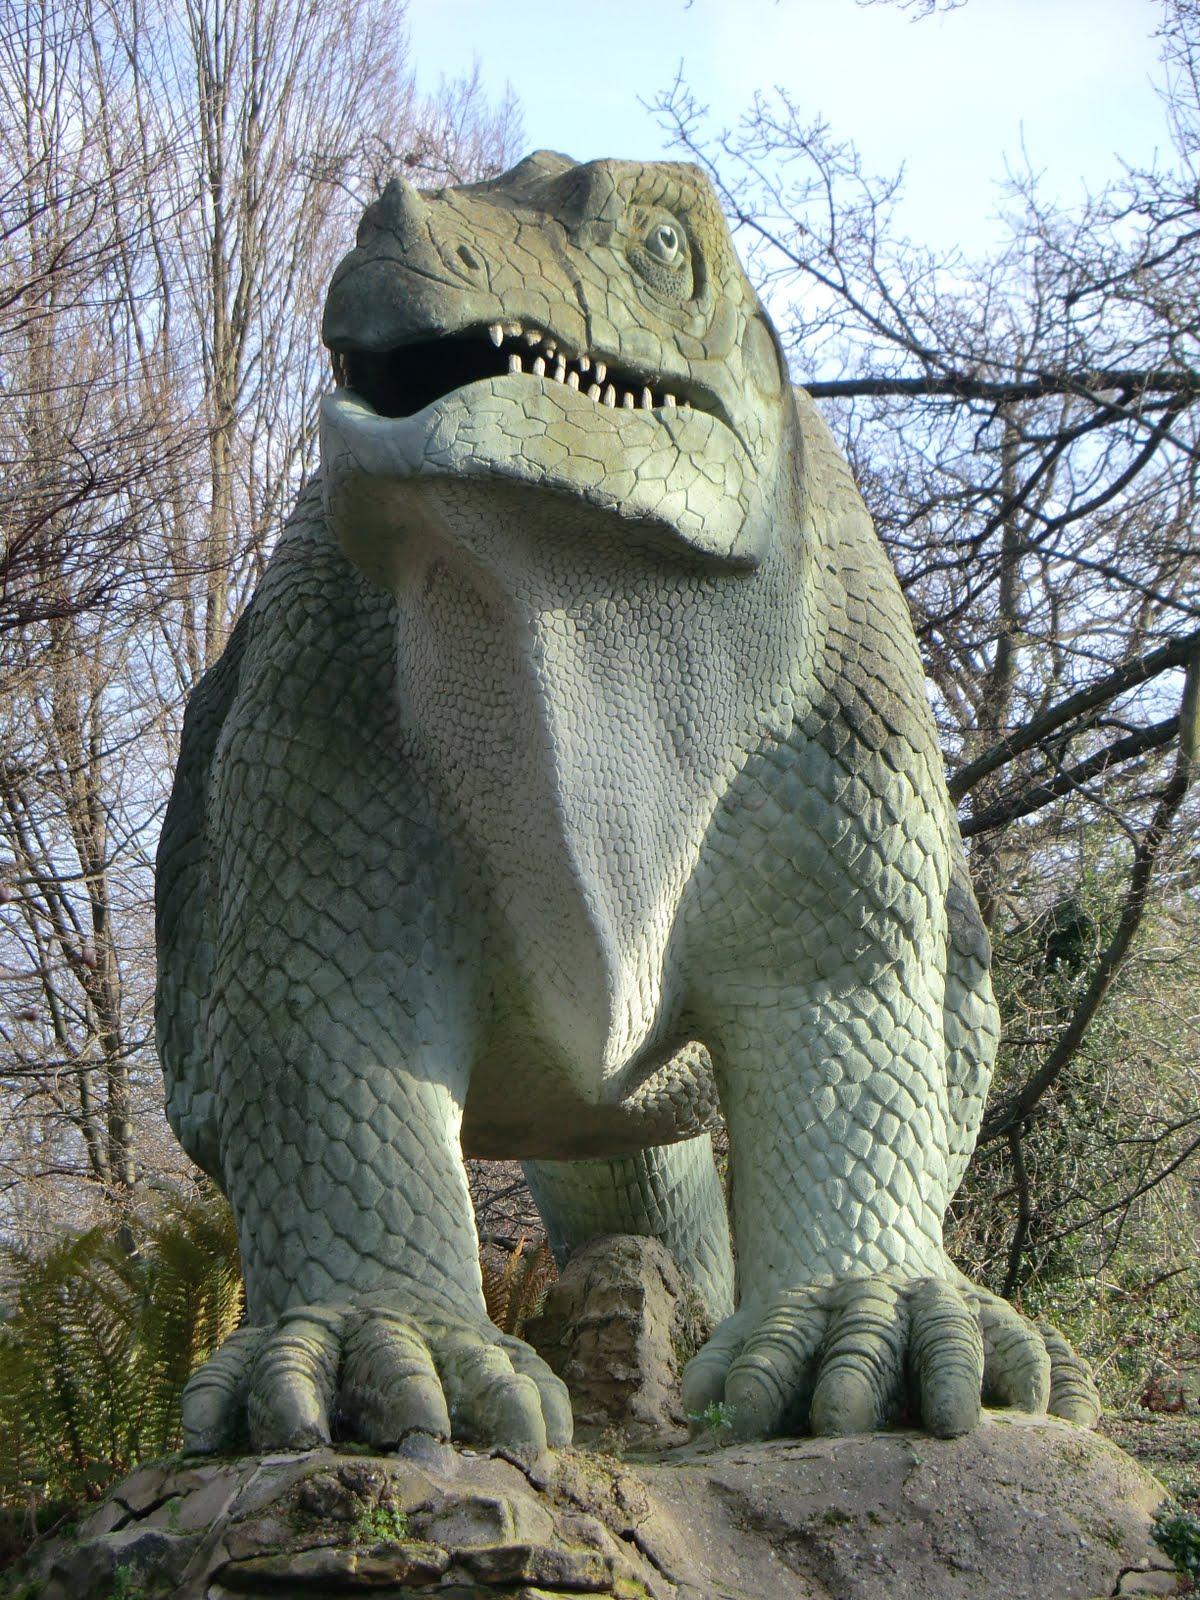 CIMG9770 Iguanodon, Crystal Palace Park